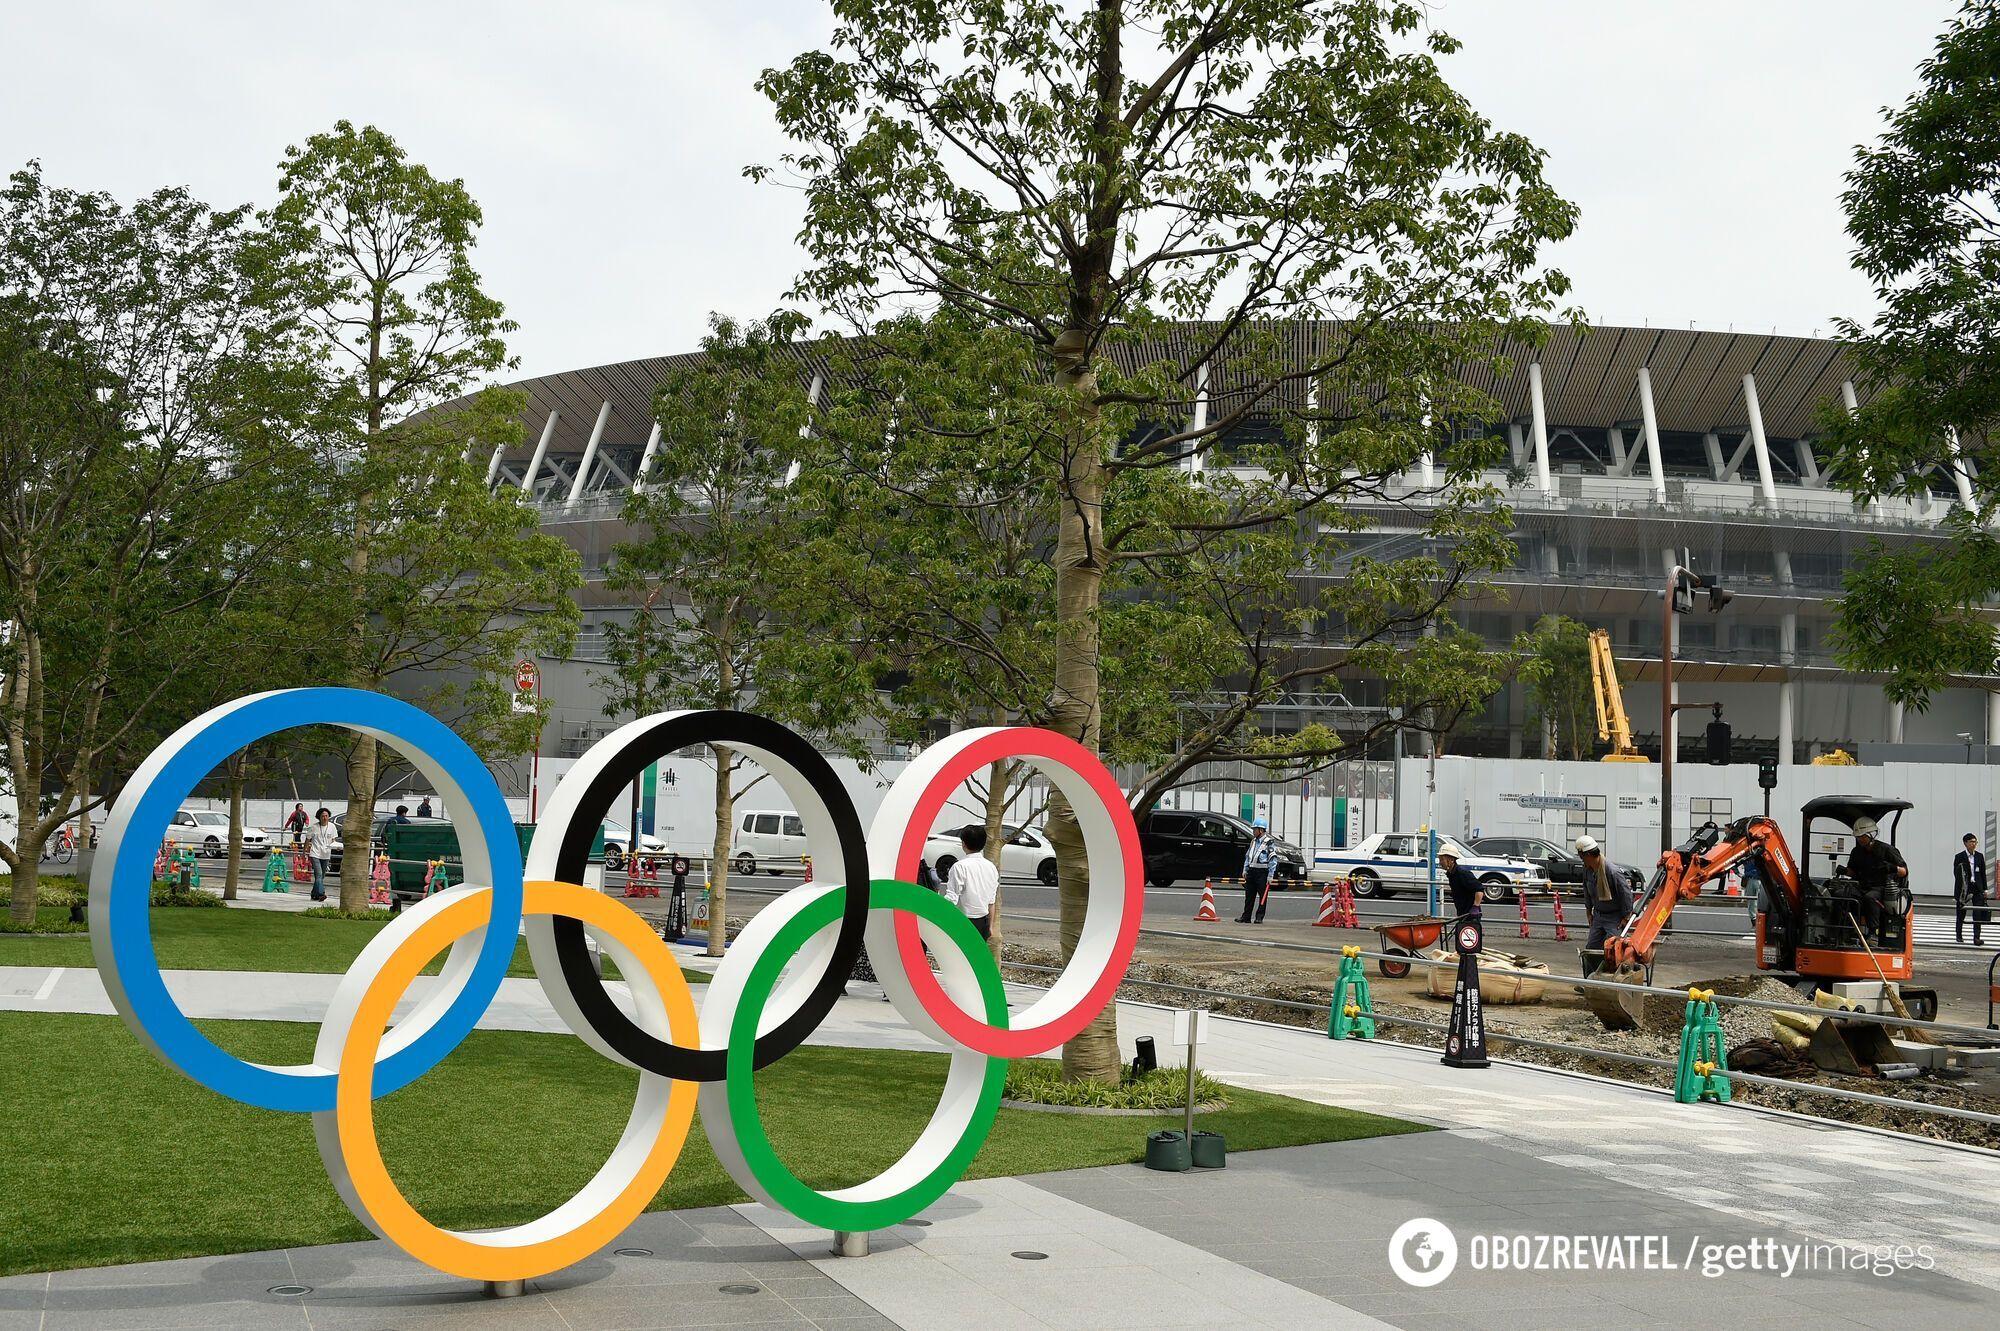 ОІ-2020 пройде в Токіо.